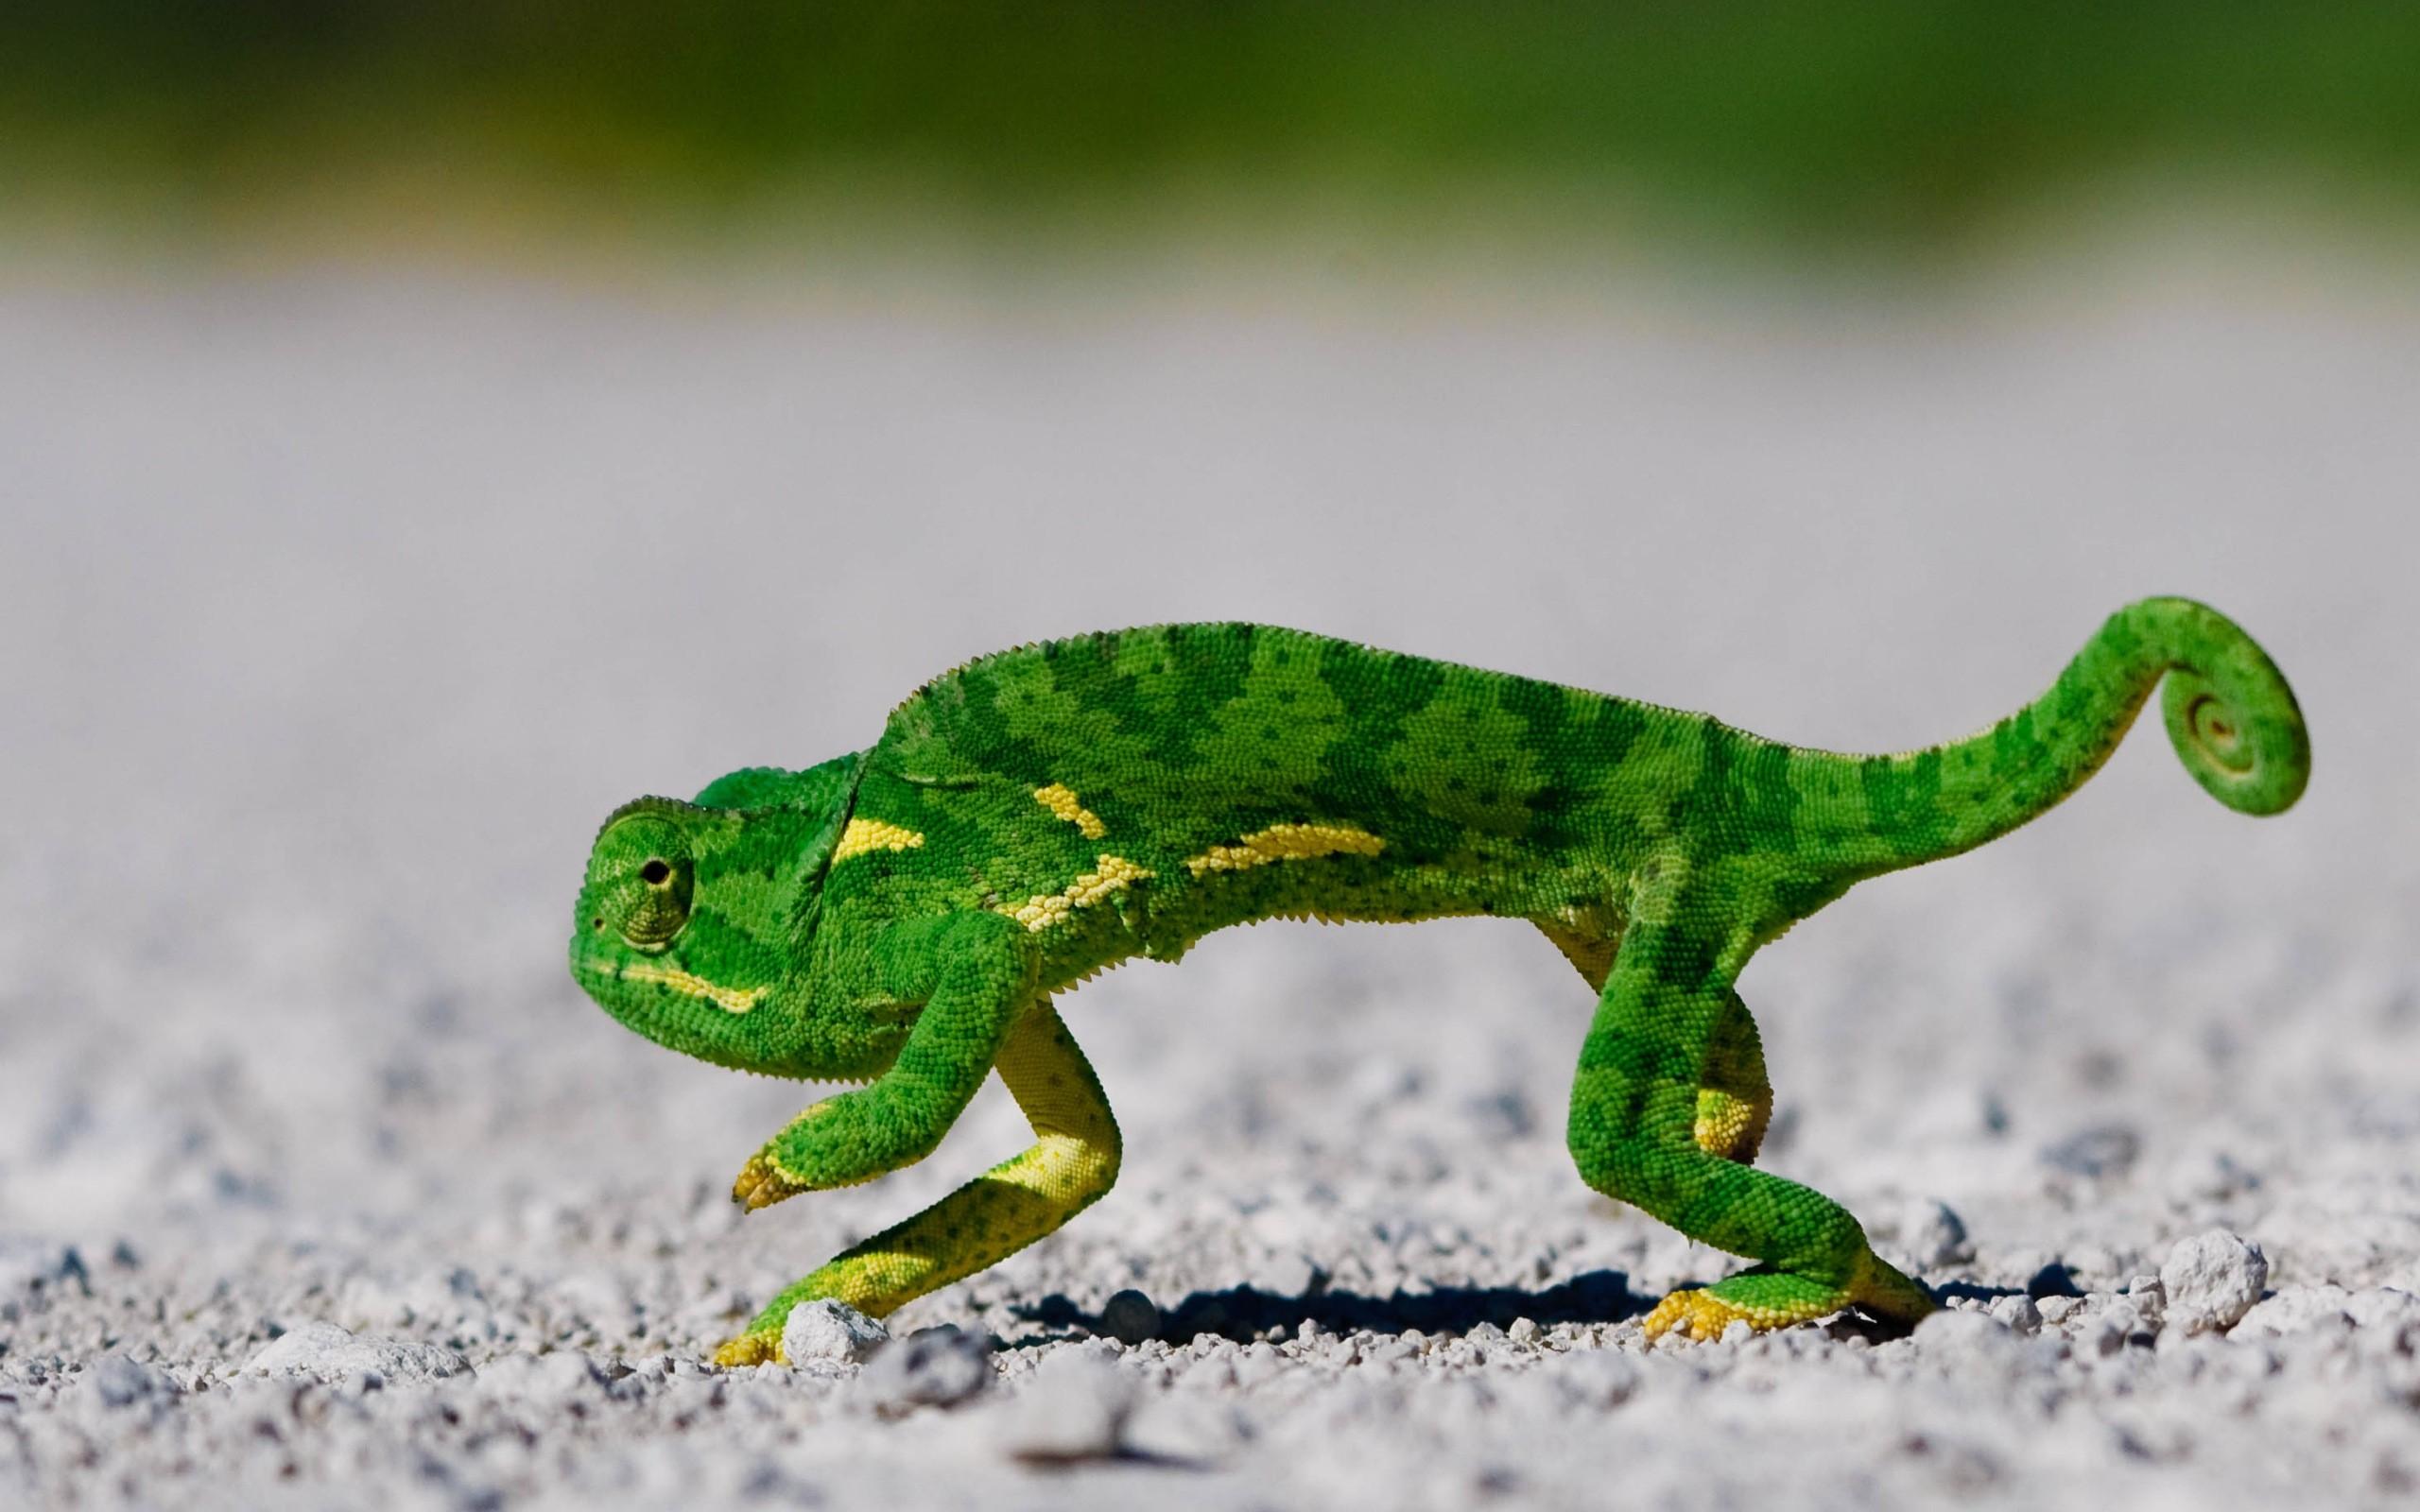 Un camaleón corriendo - 2560x1600